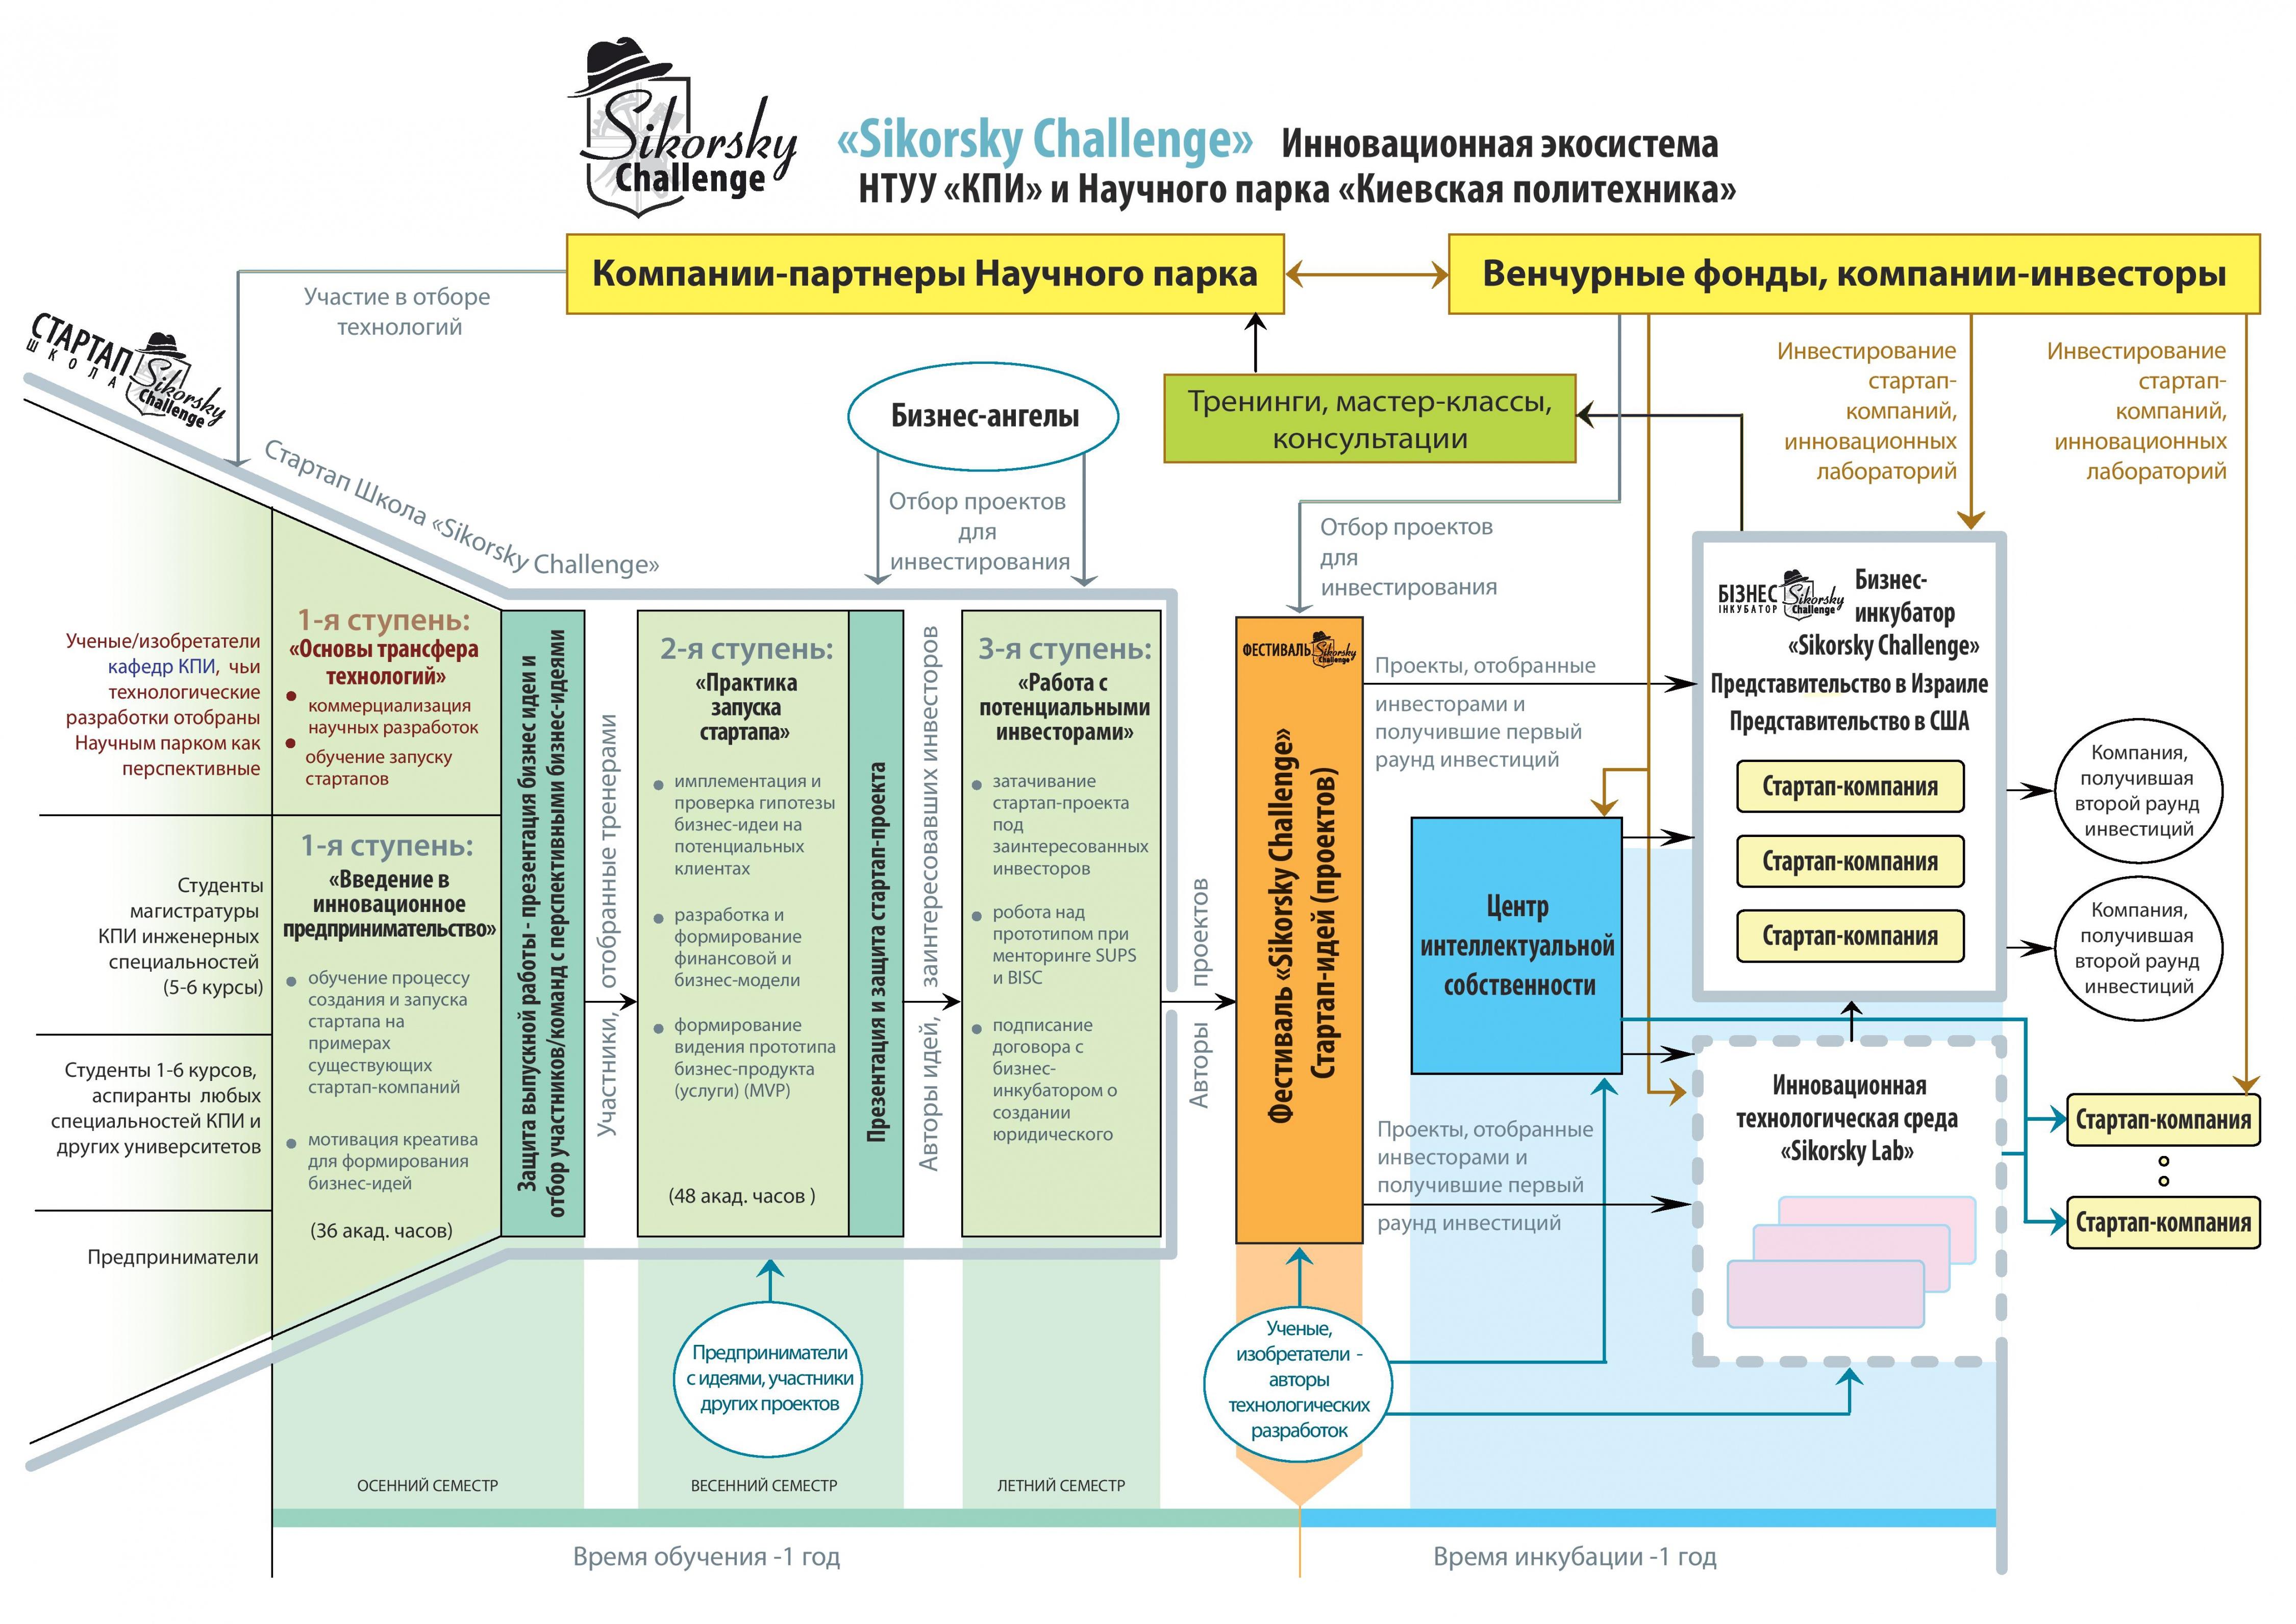 Схема реализации венчурного финансирования инновационных проектов